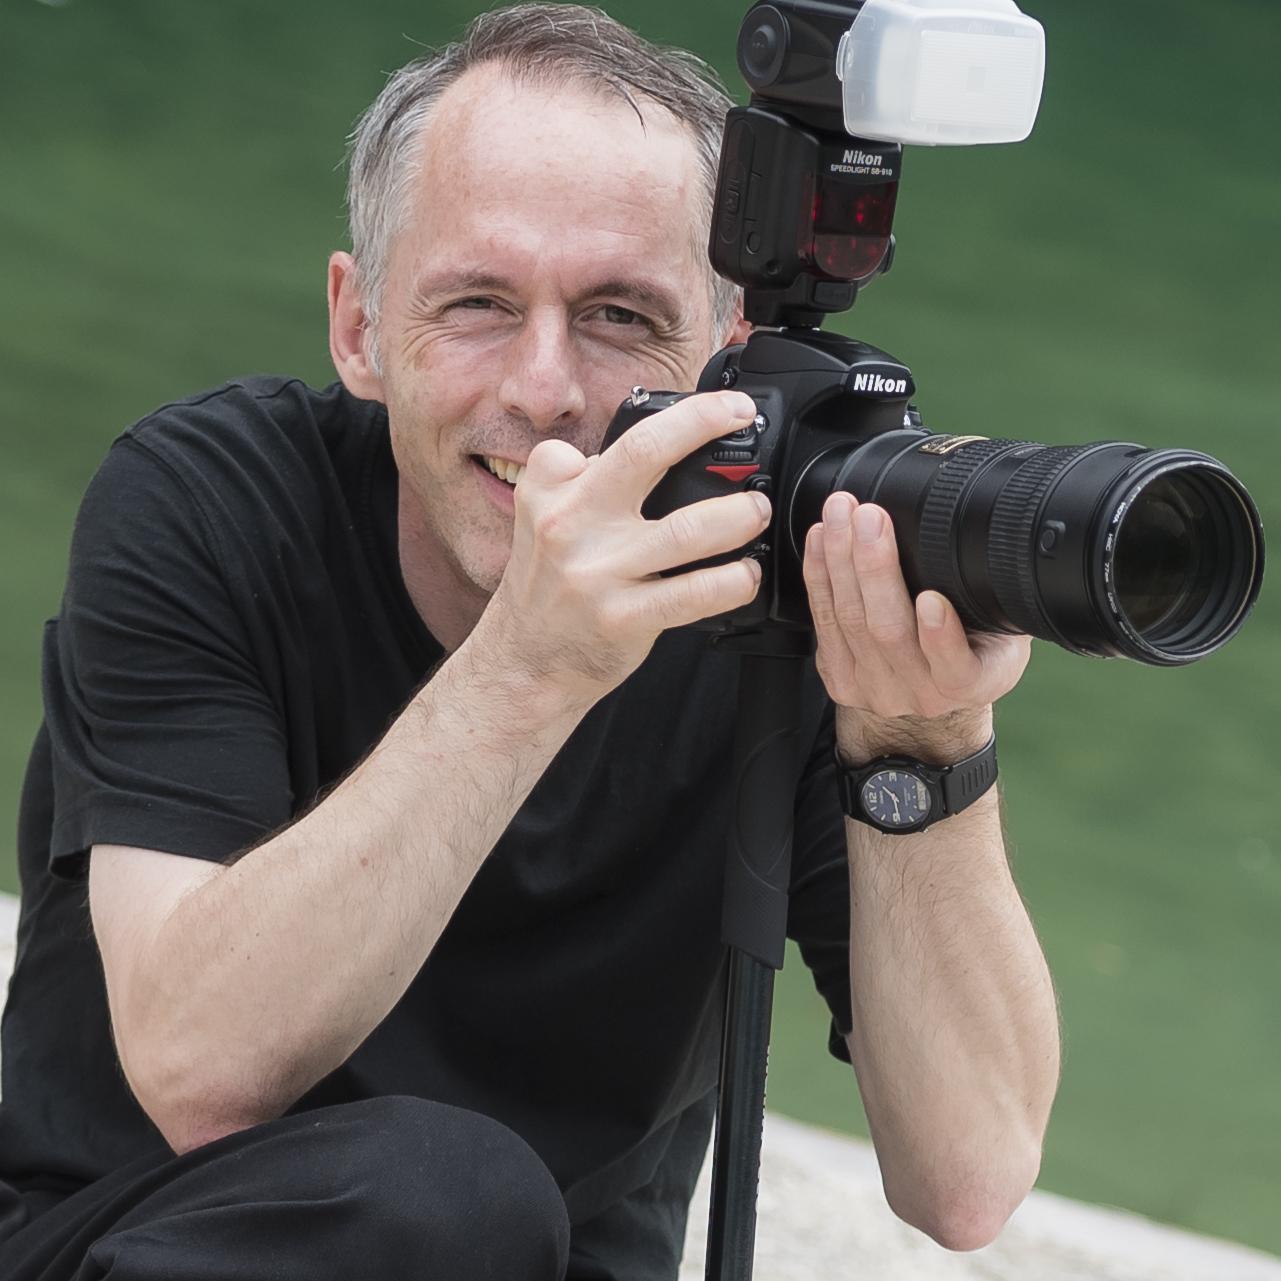 Varró Imre fotográfus